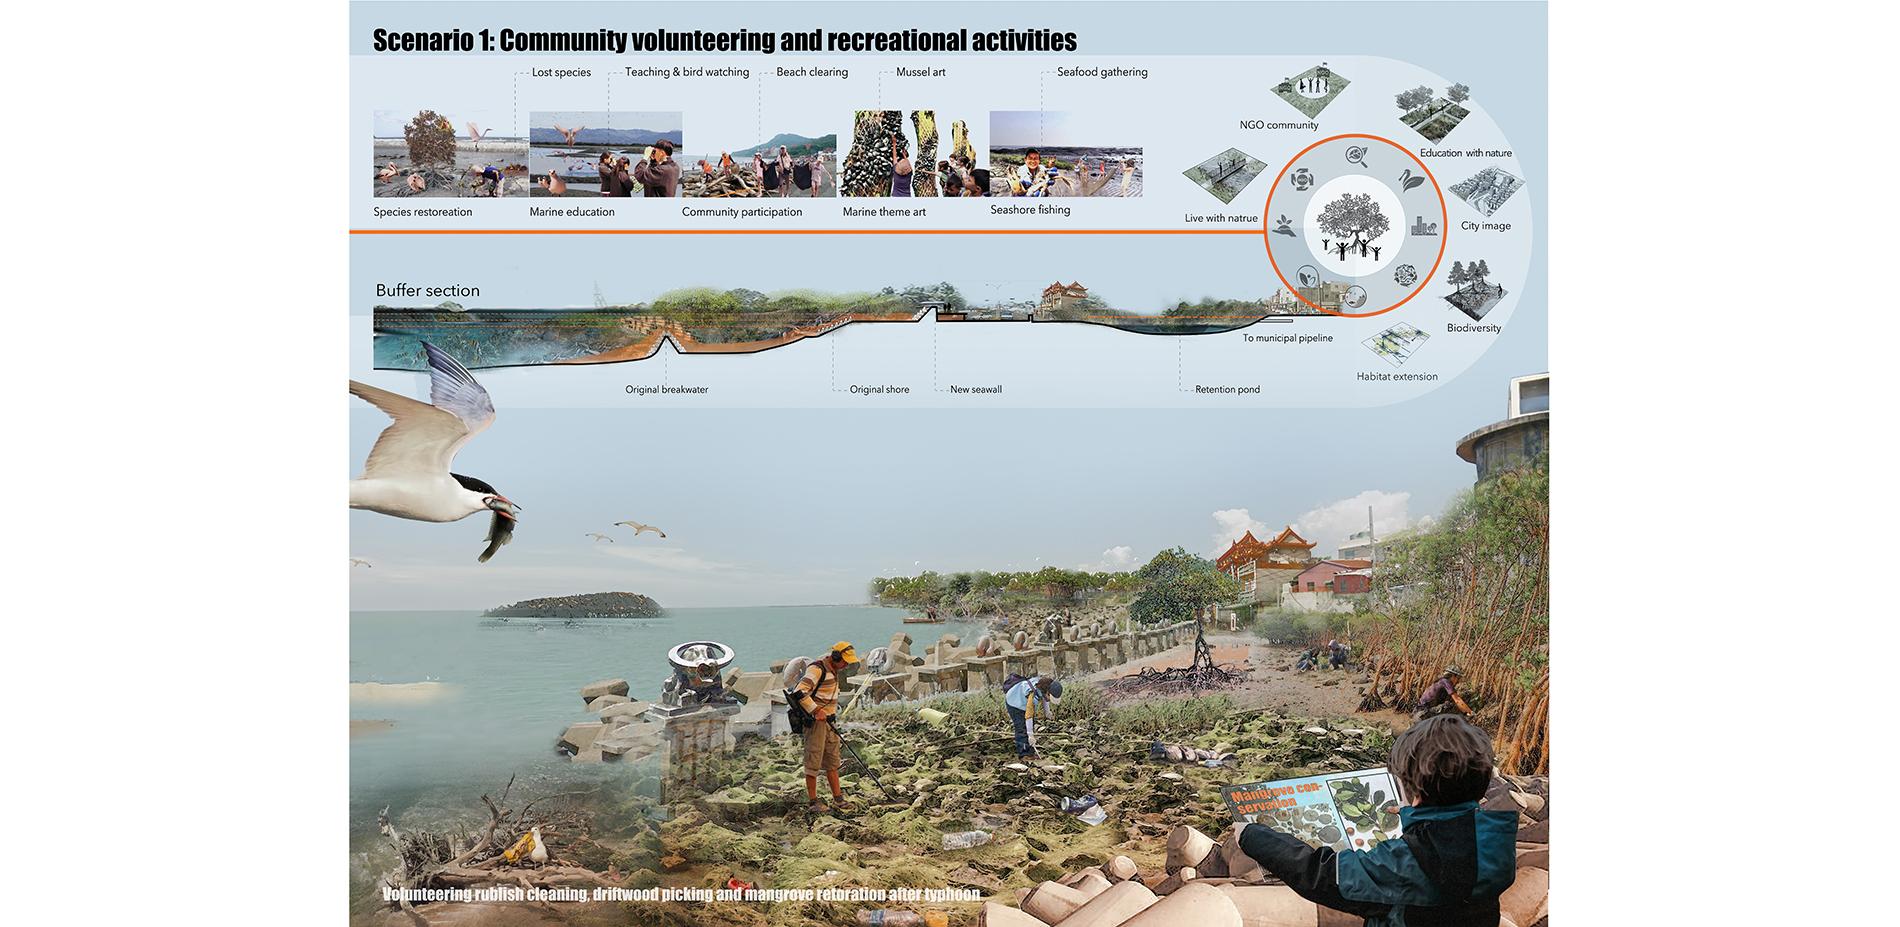 Scenario 1: Community Volunteering and Recreational Activities